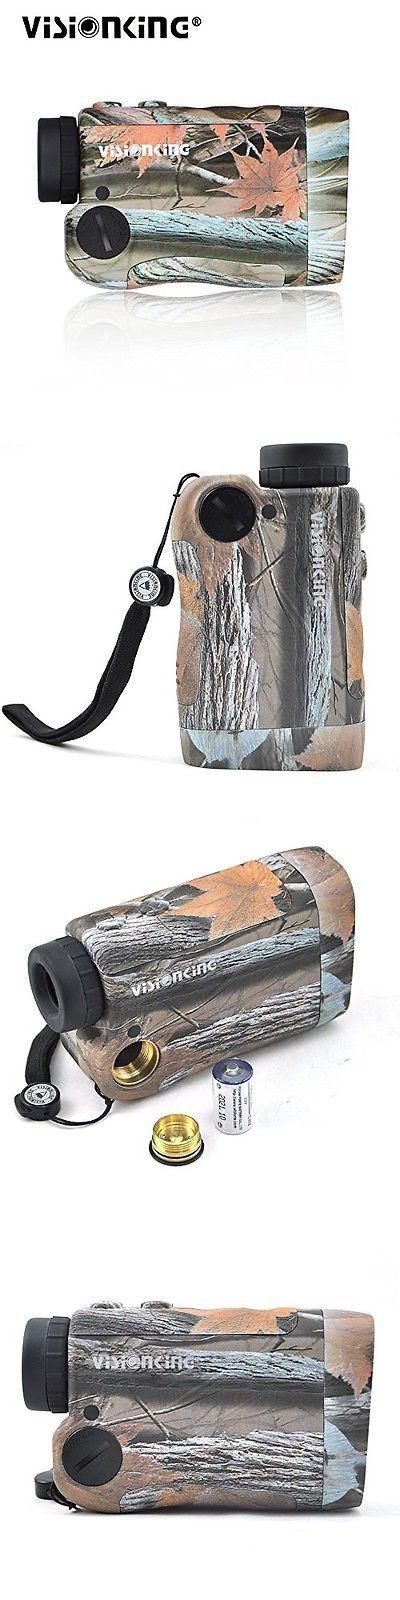 Range Finders 31712: Visionking Rangefinder 6X25 Laser Range Finder Hunting Golf Rain Model 600 M New BUY IT NOW ONLY: $126.89